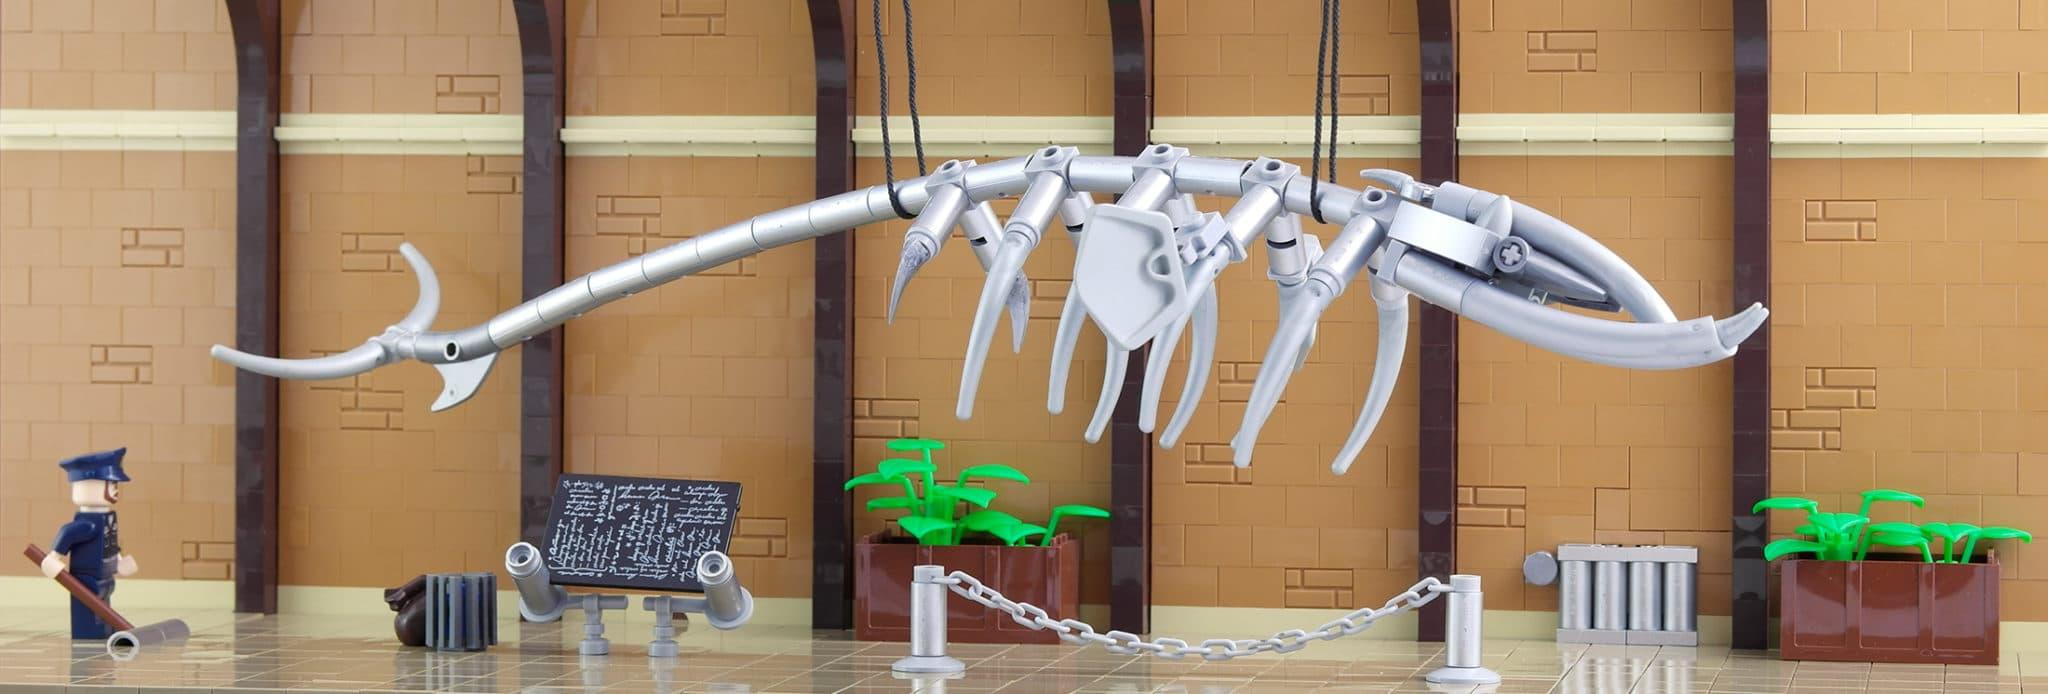 LEGO Moc Iron Builder 2016 Museum